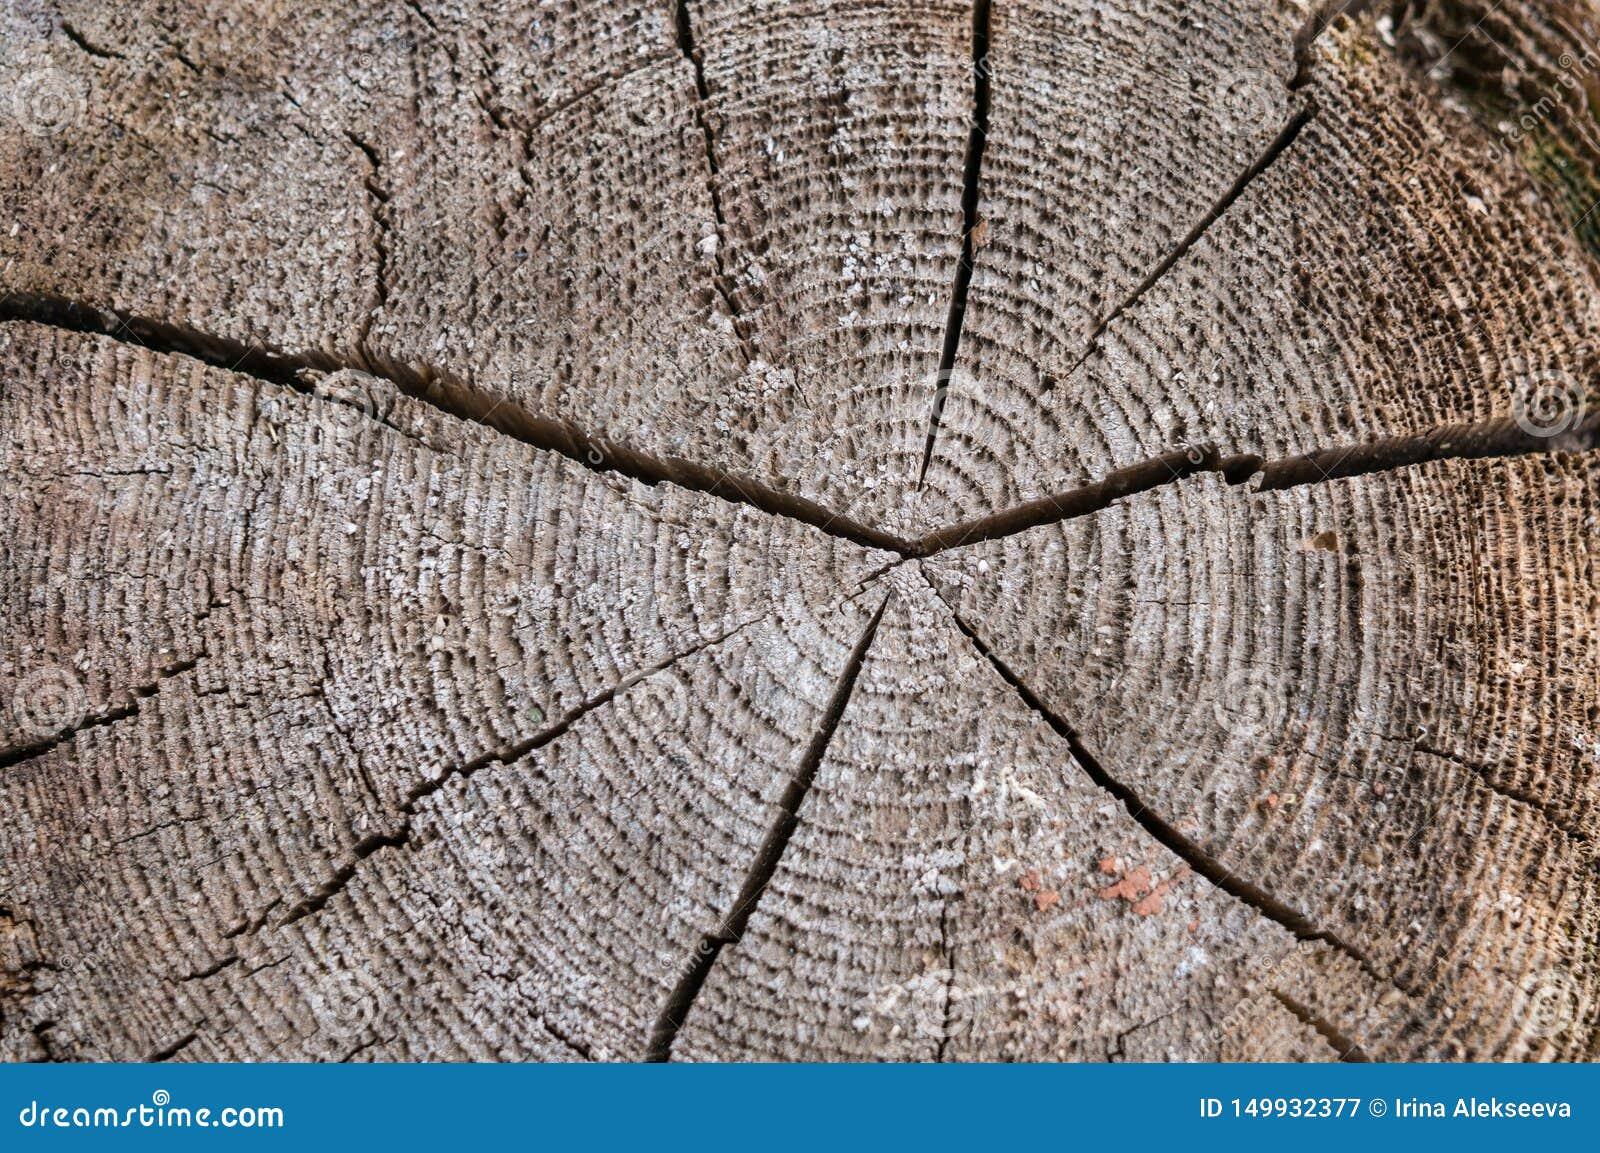 Кусок старого дерева с концентрическими ежегодными кольцами и отказом в центре Текстура старого дерева